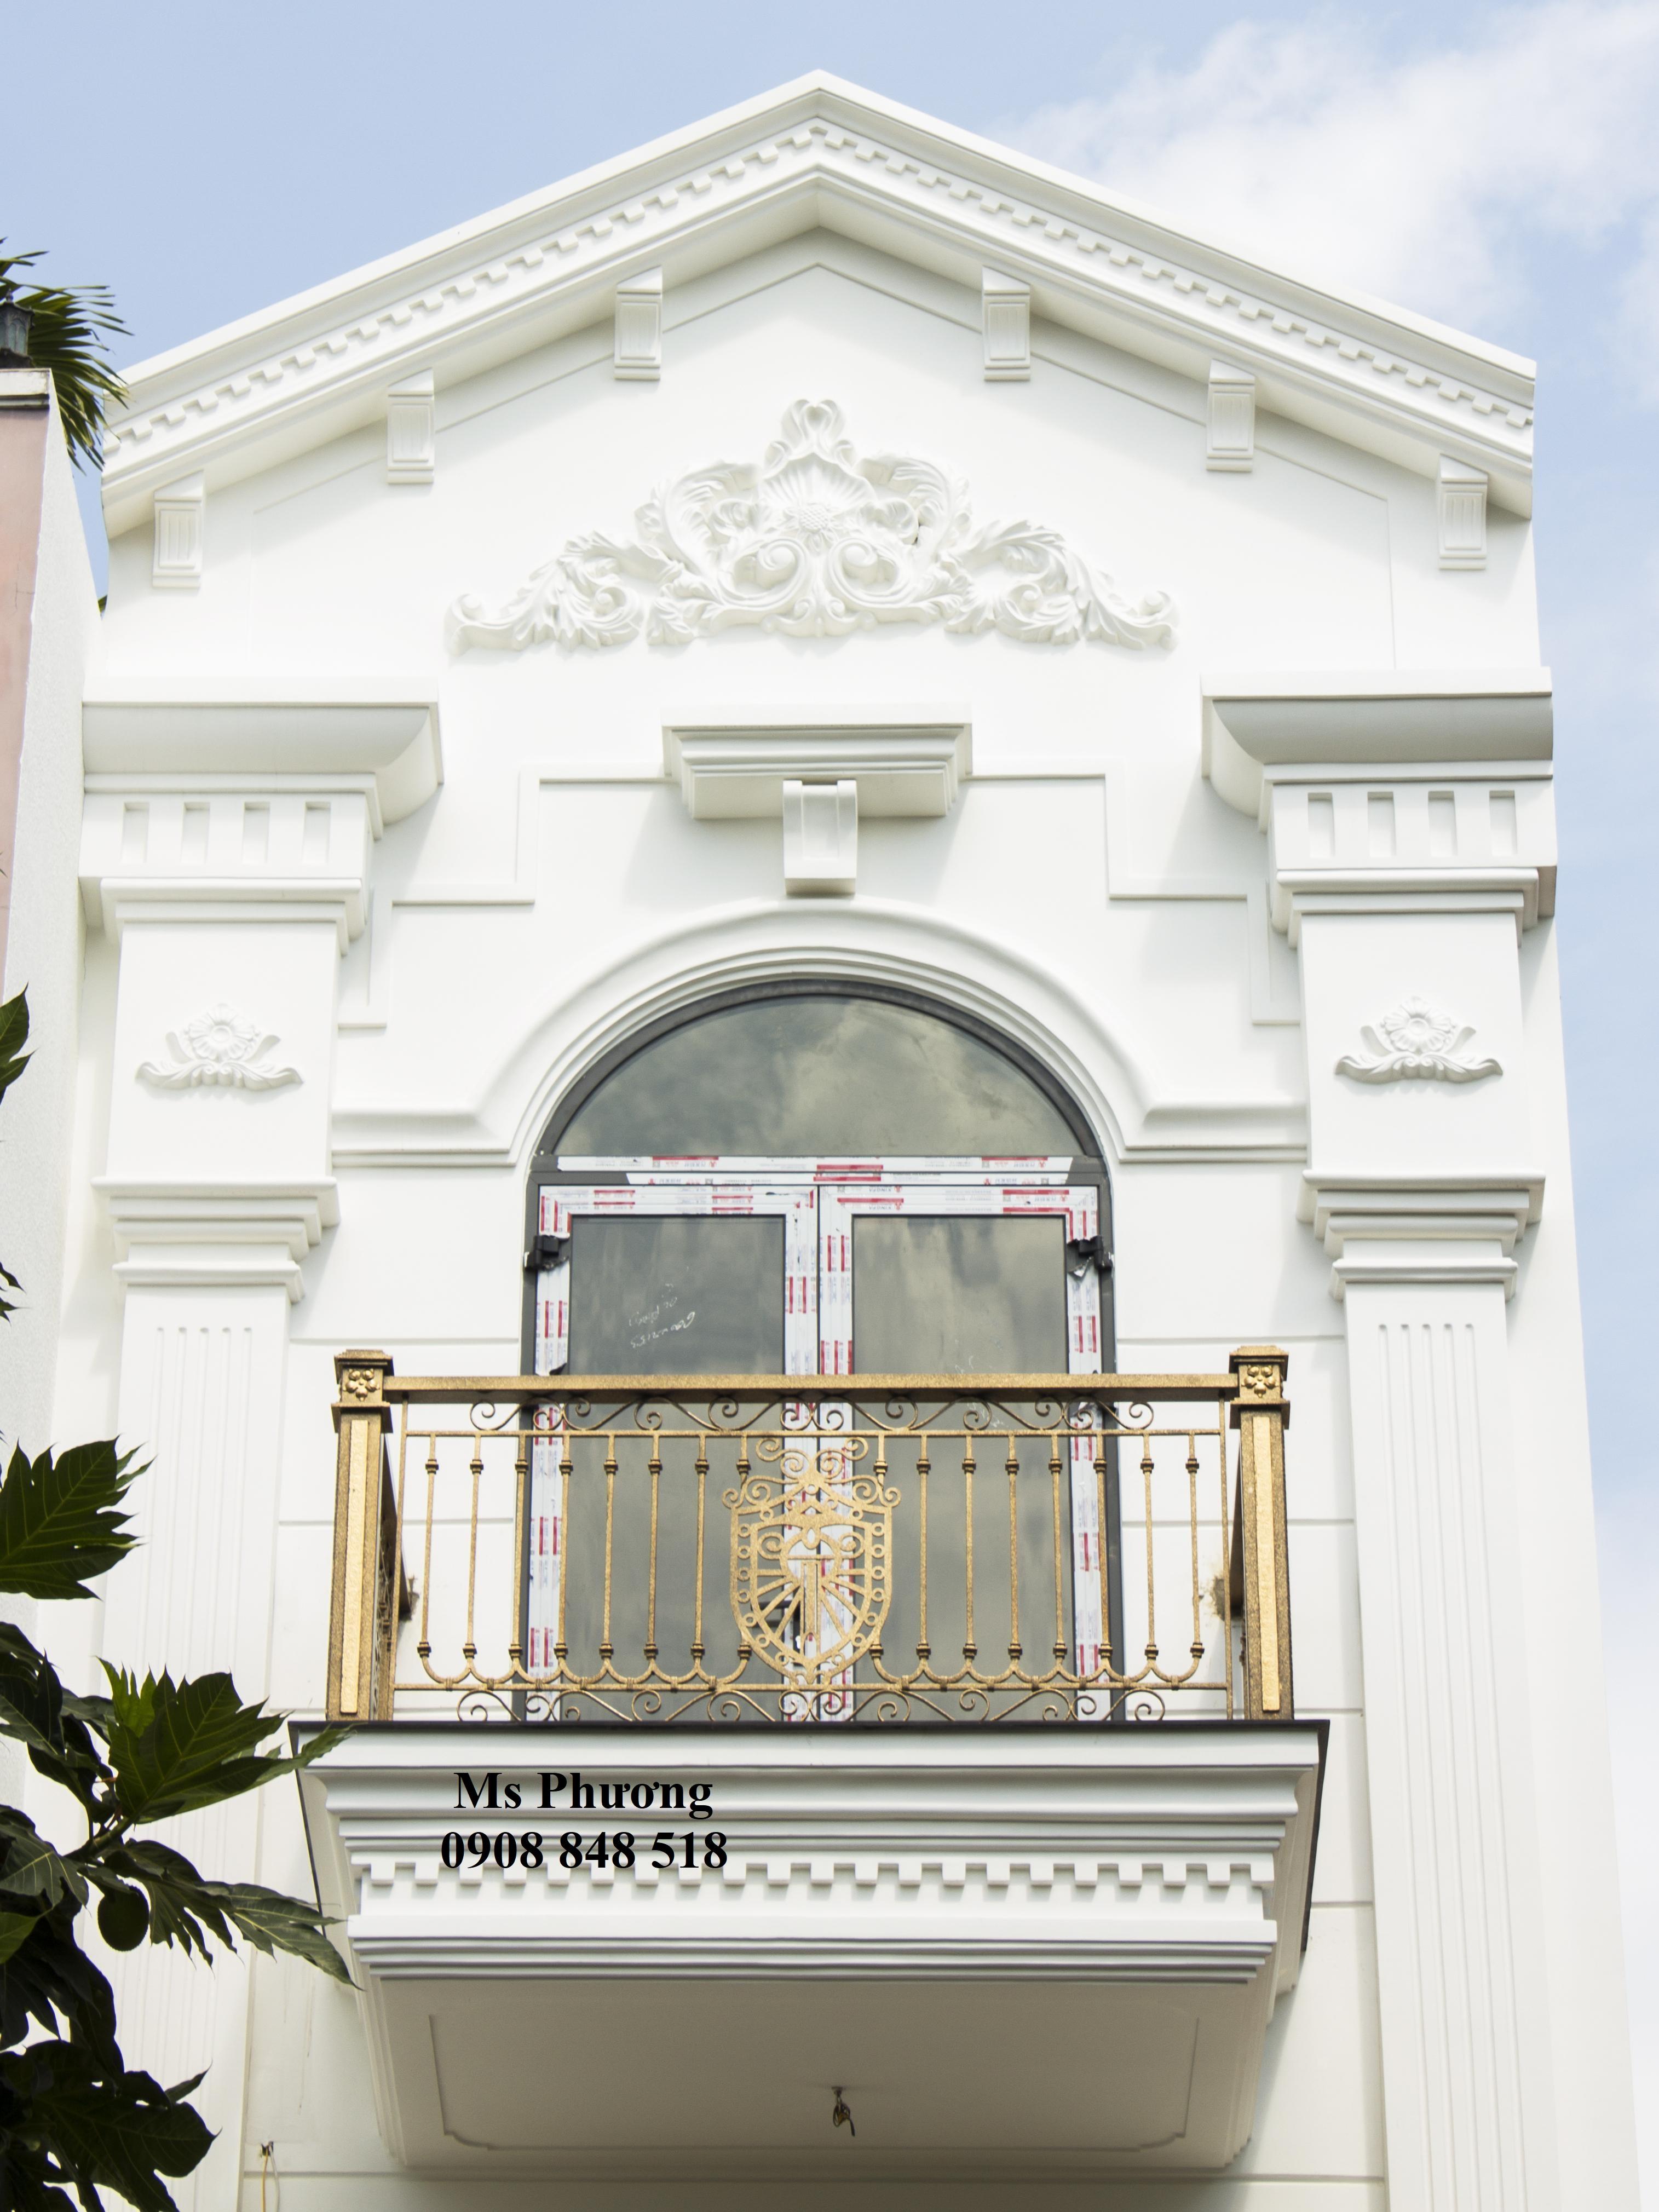 Tổng hợp mẫu lan can ban công sắt uốn cổ điển cho biệt thự, nhà phố đẹp nhất - kiến trúc 2021